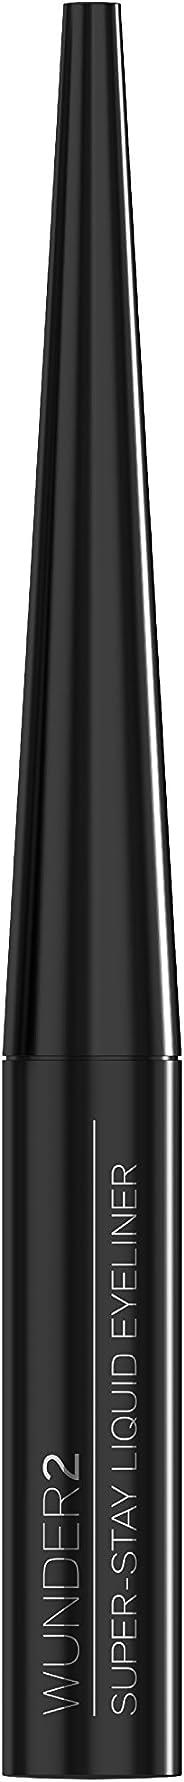 WUNDER2 Super Stay Long Lasting & Waterproof Liquid Eyeliner, 0.12 Fluid Ounce